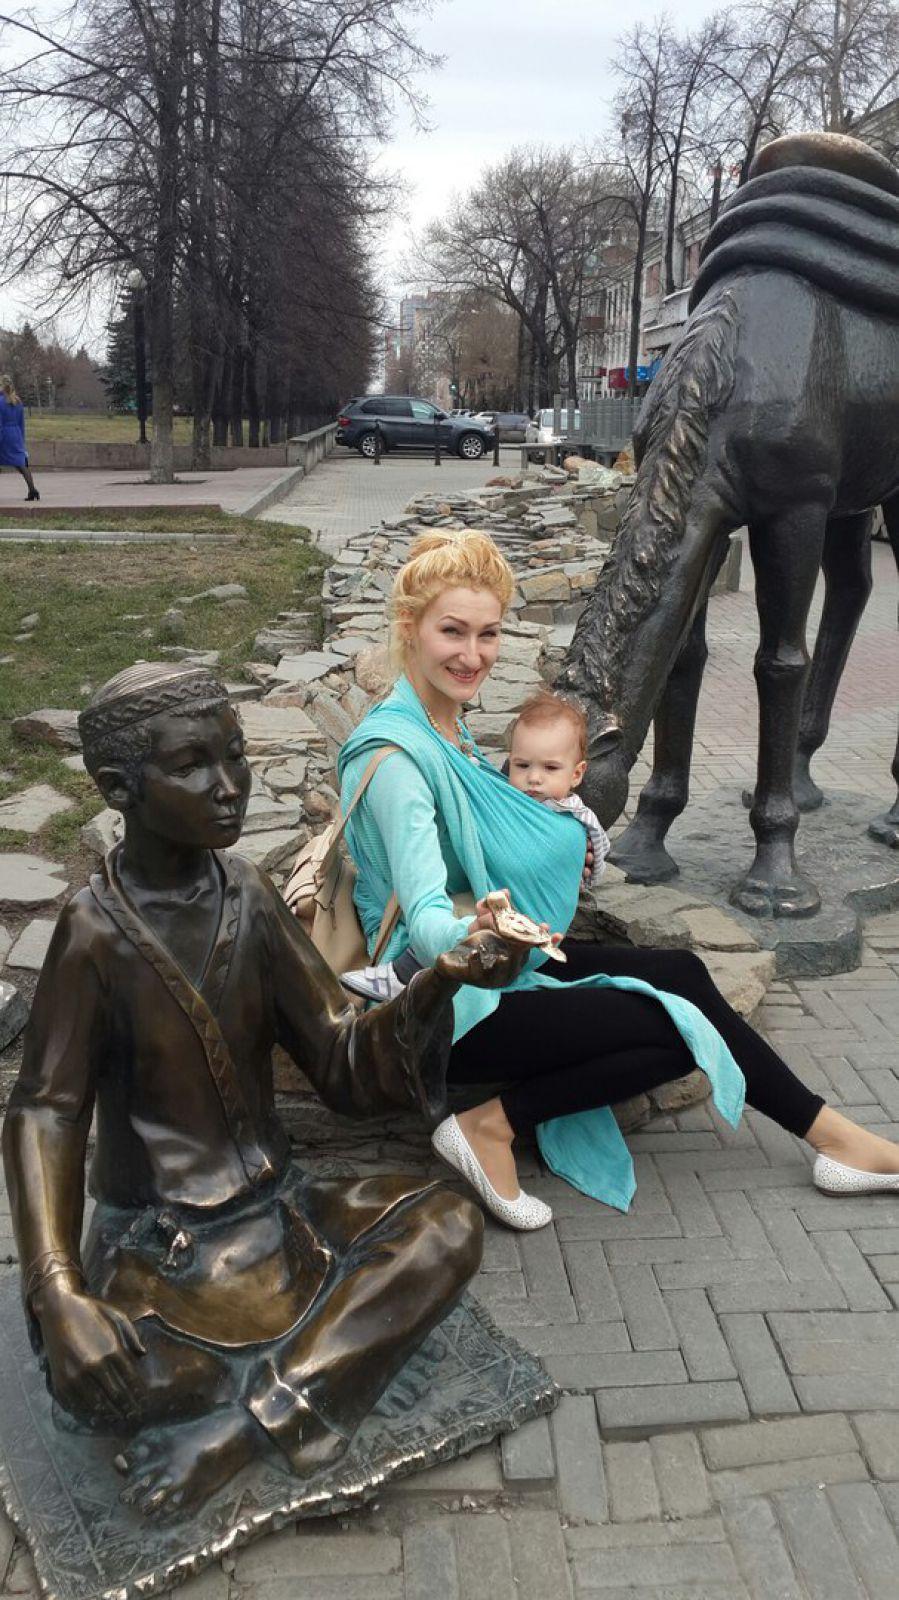 Екатерина и Лев Андреевич (так мама называет сына) гуляют по челябинскому арбату (ул. Кирова), рядом со скульптурой верблюда, символизирущего Великий шёлковый путь.